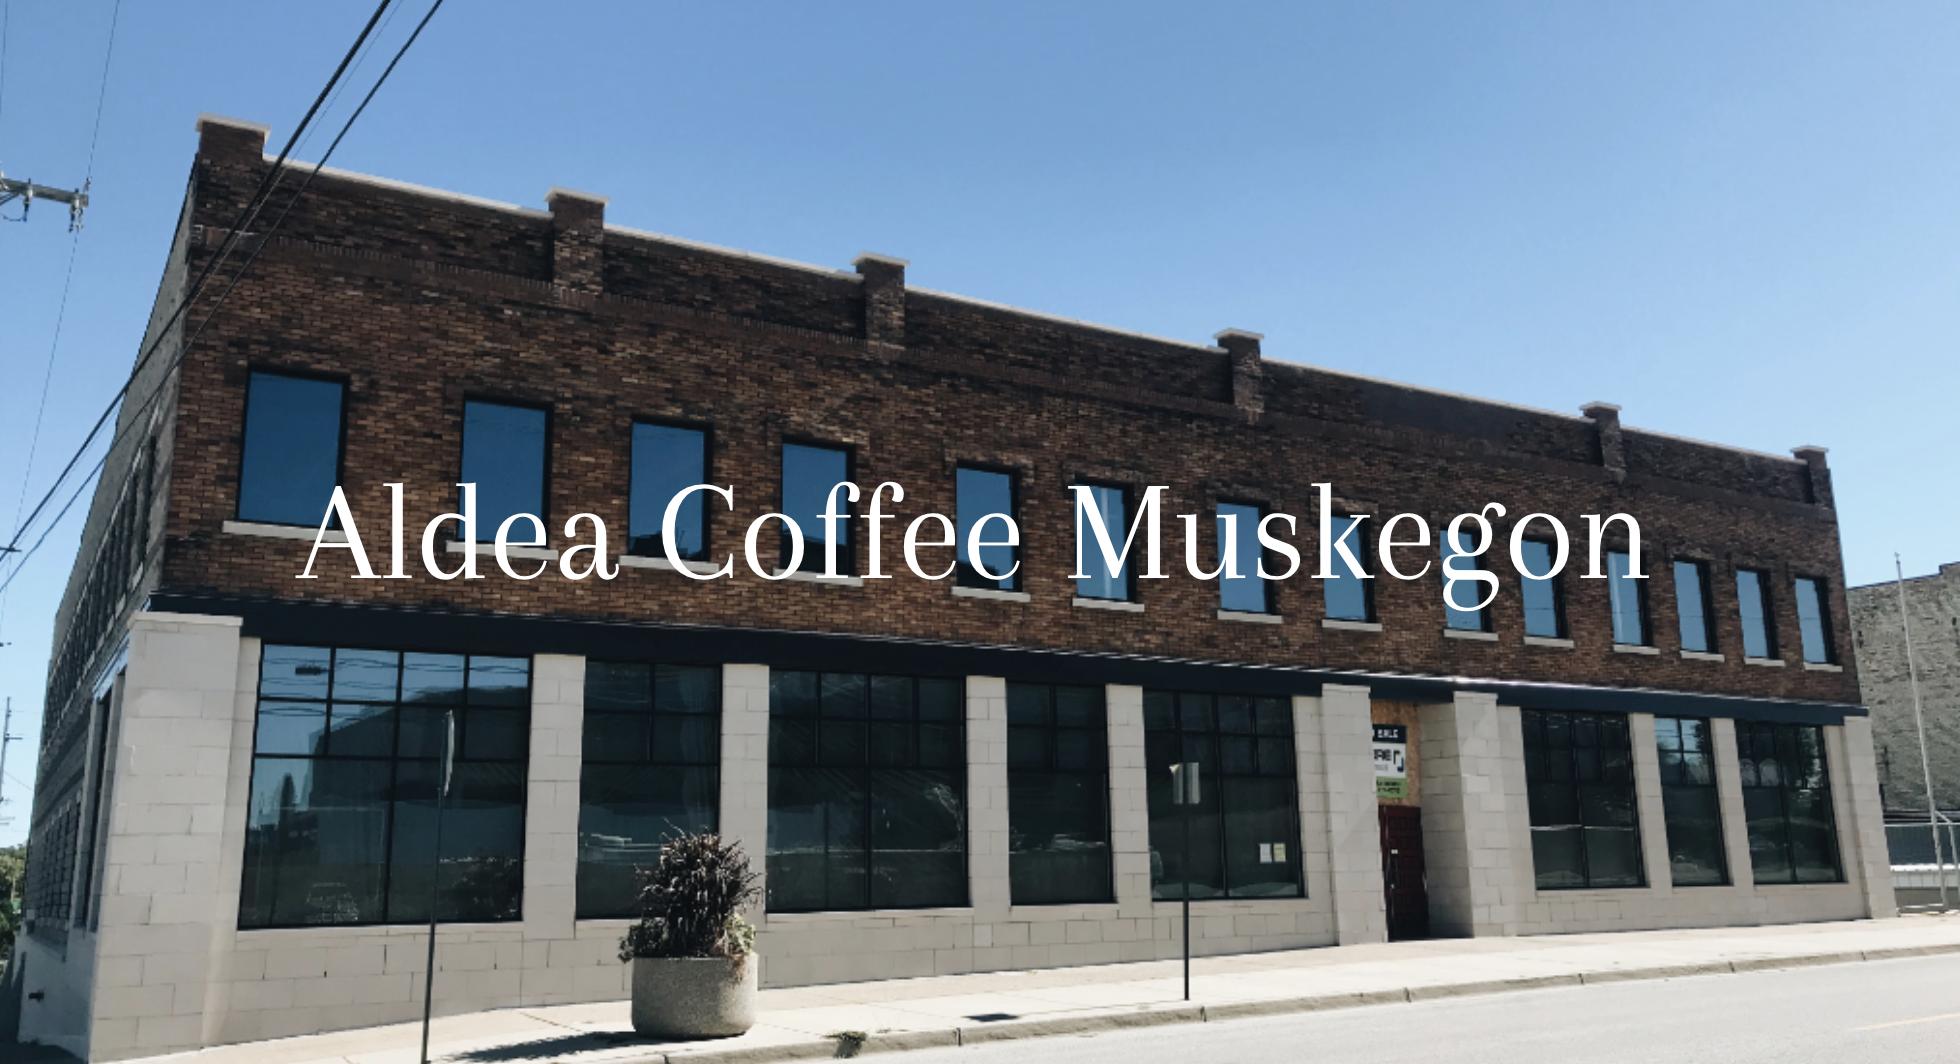 Aldea Coffee's new location in Muskegon.